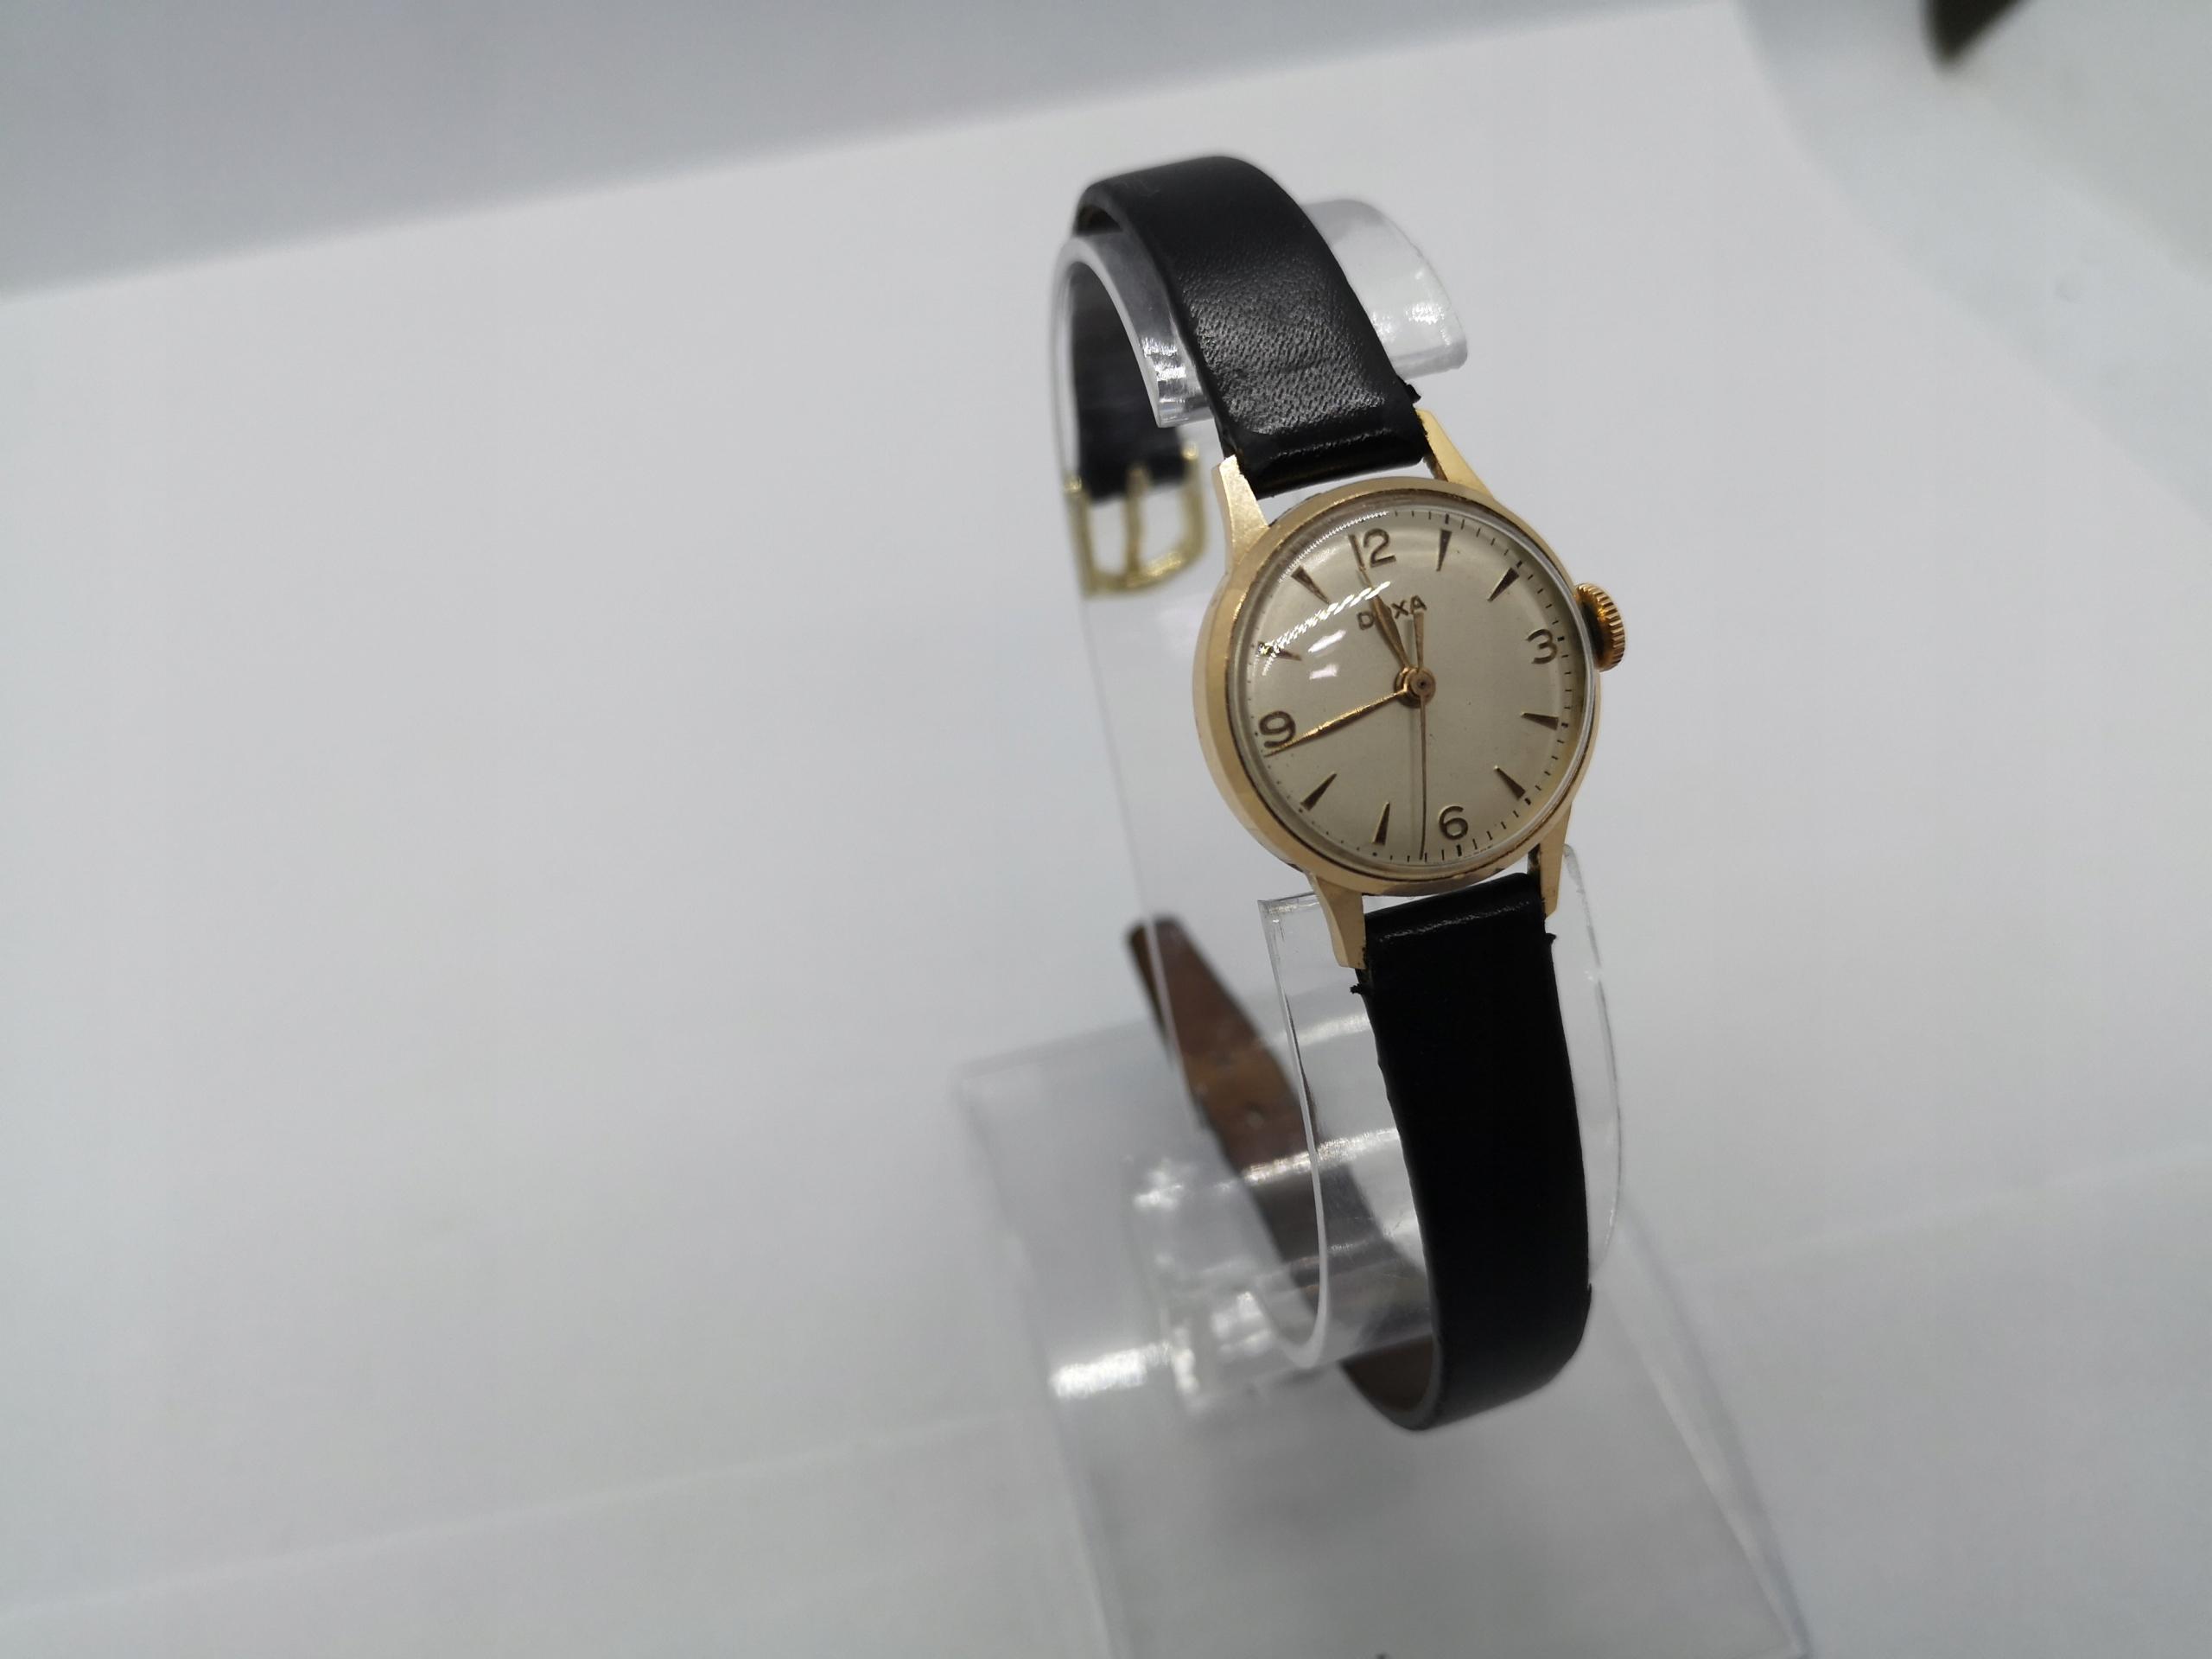 Damski Złoty Zegarek Doxa 13714 14K 9482W